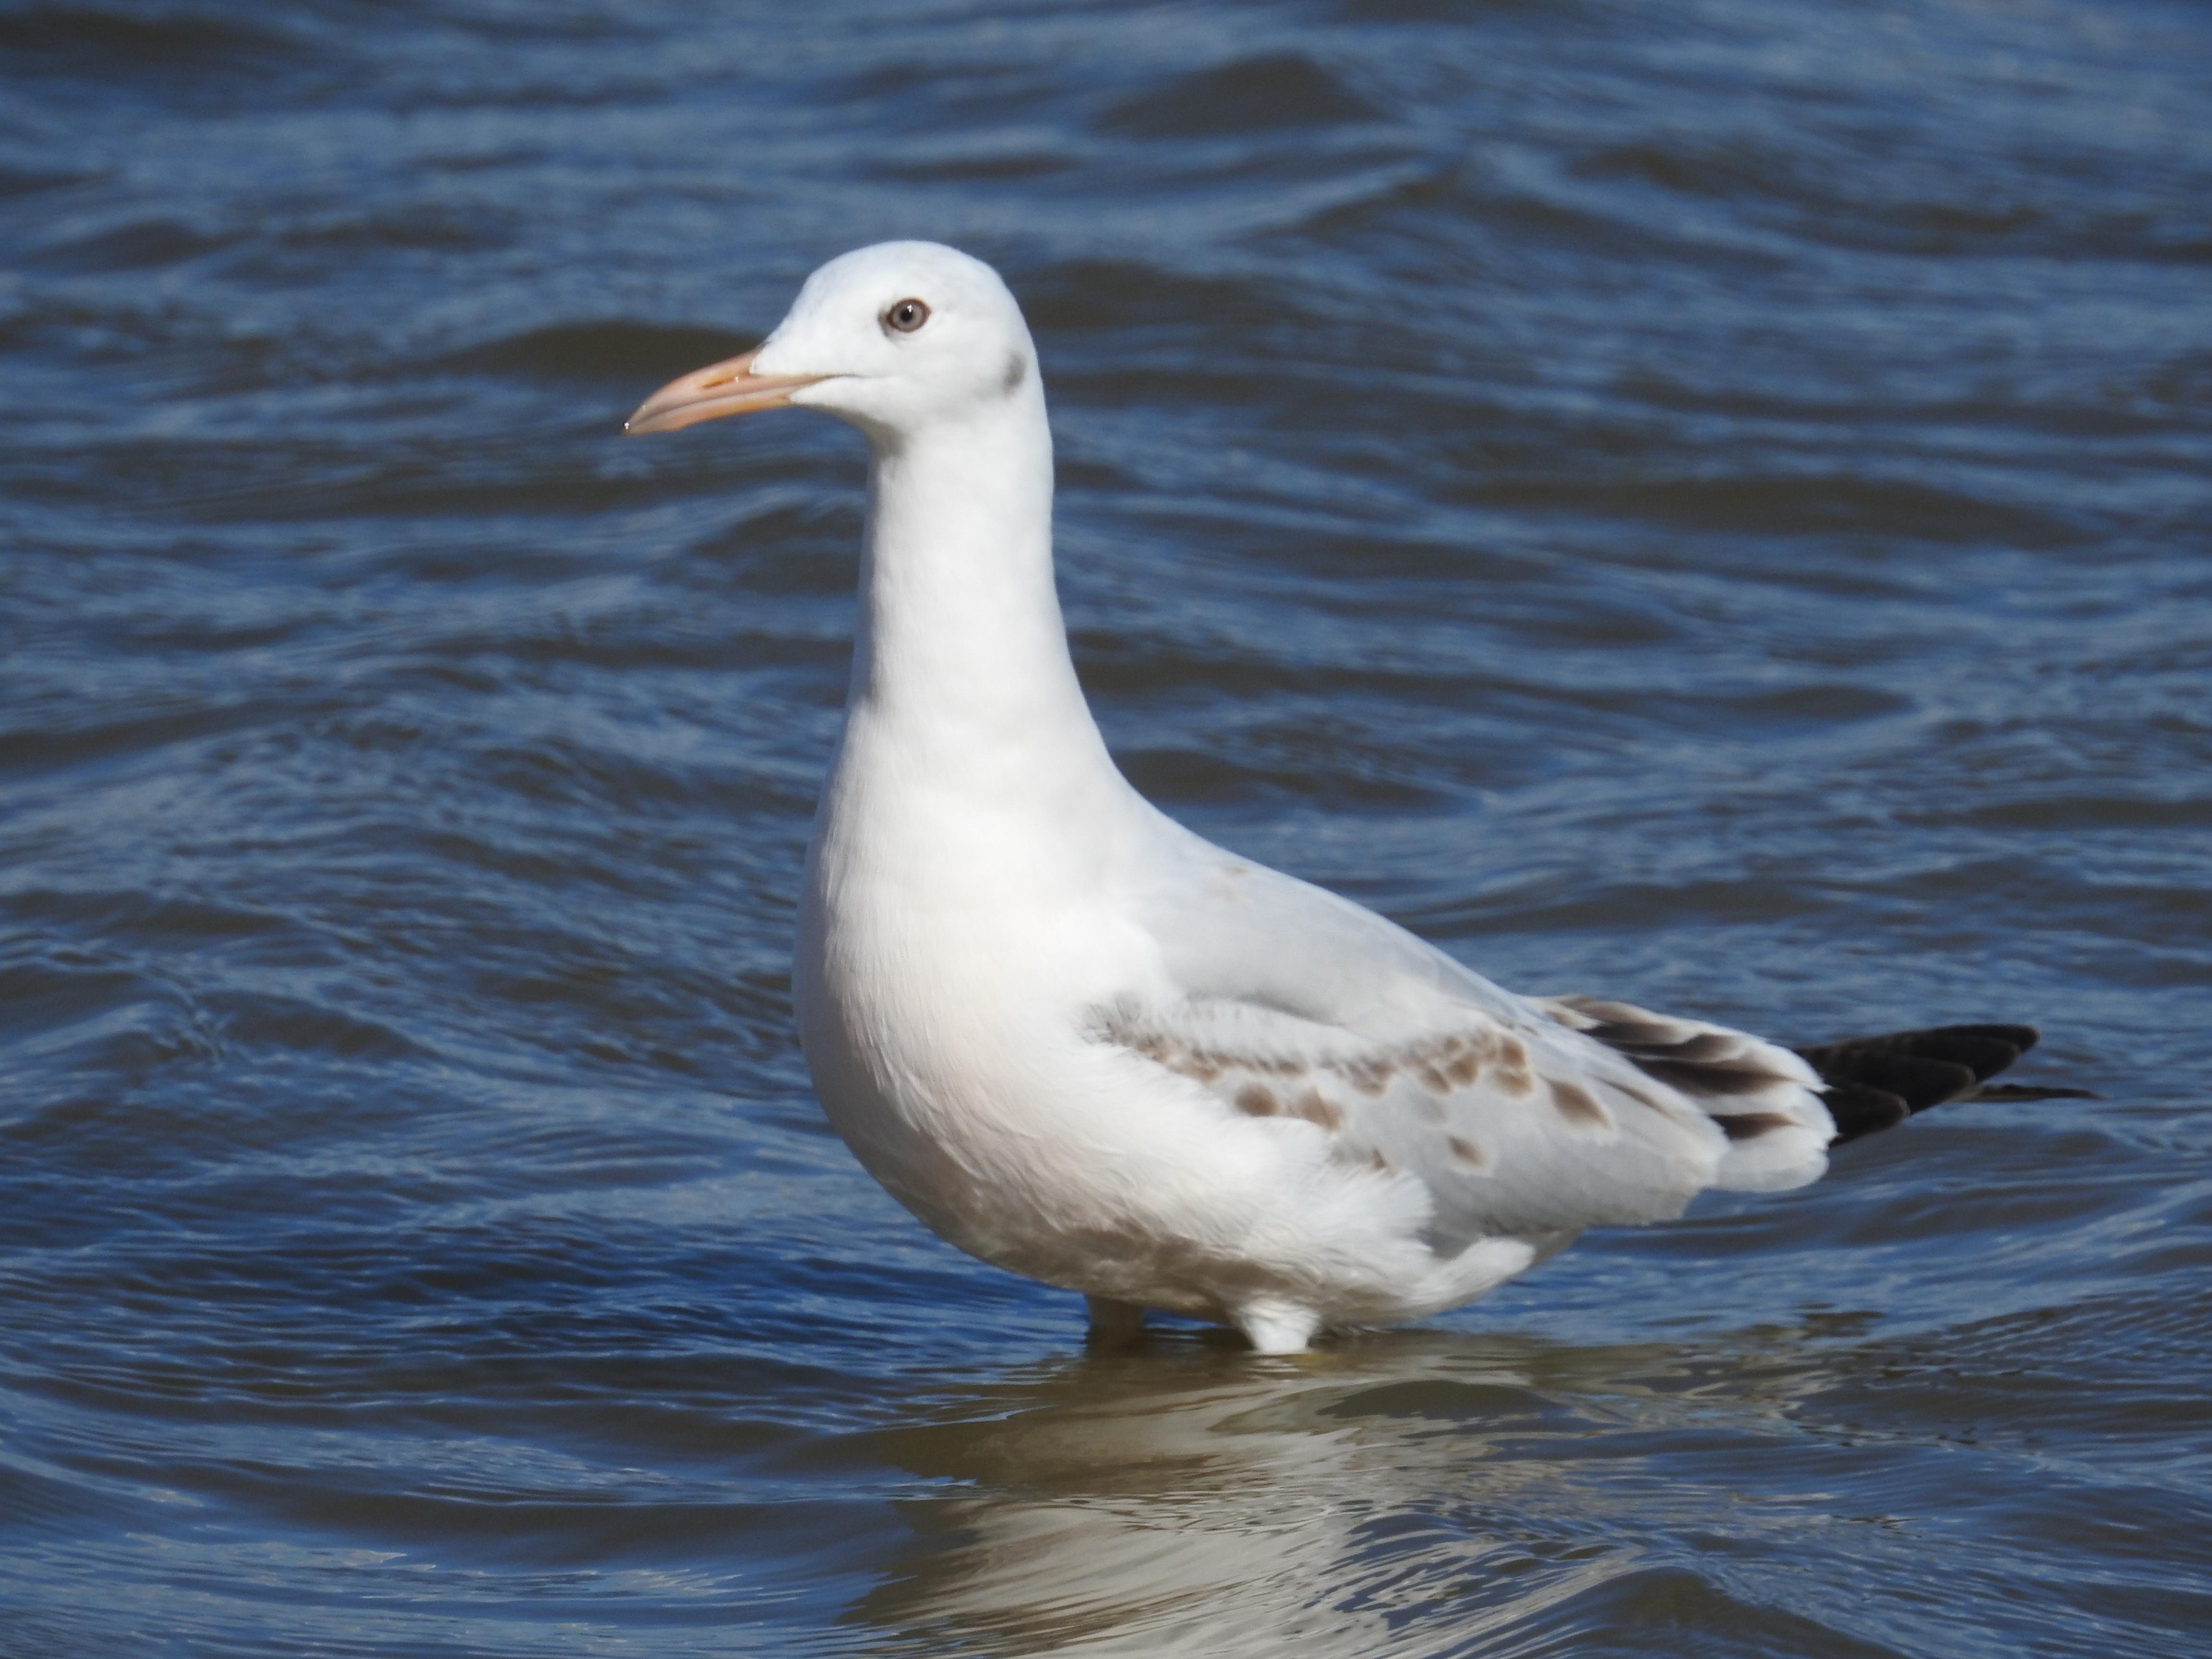 slender-bill-gull